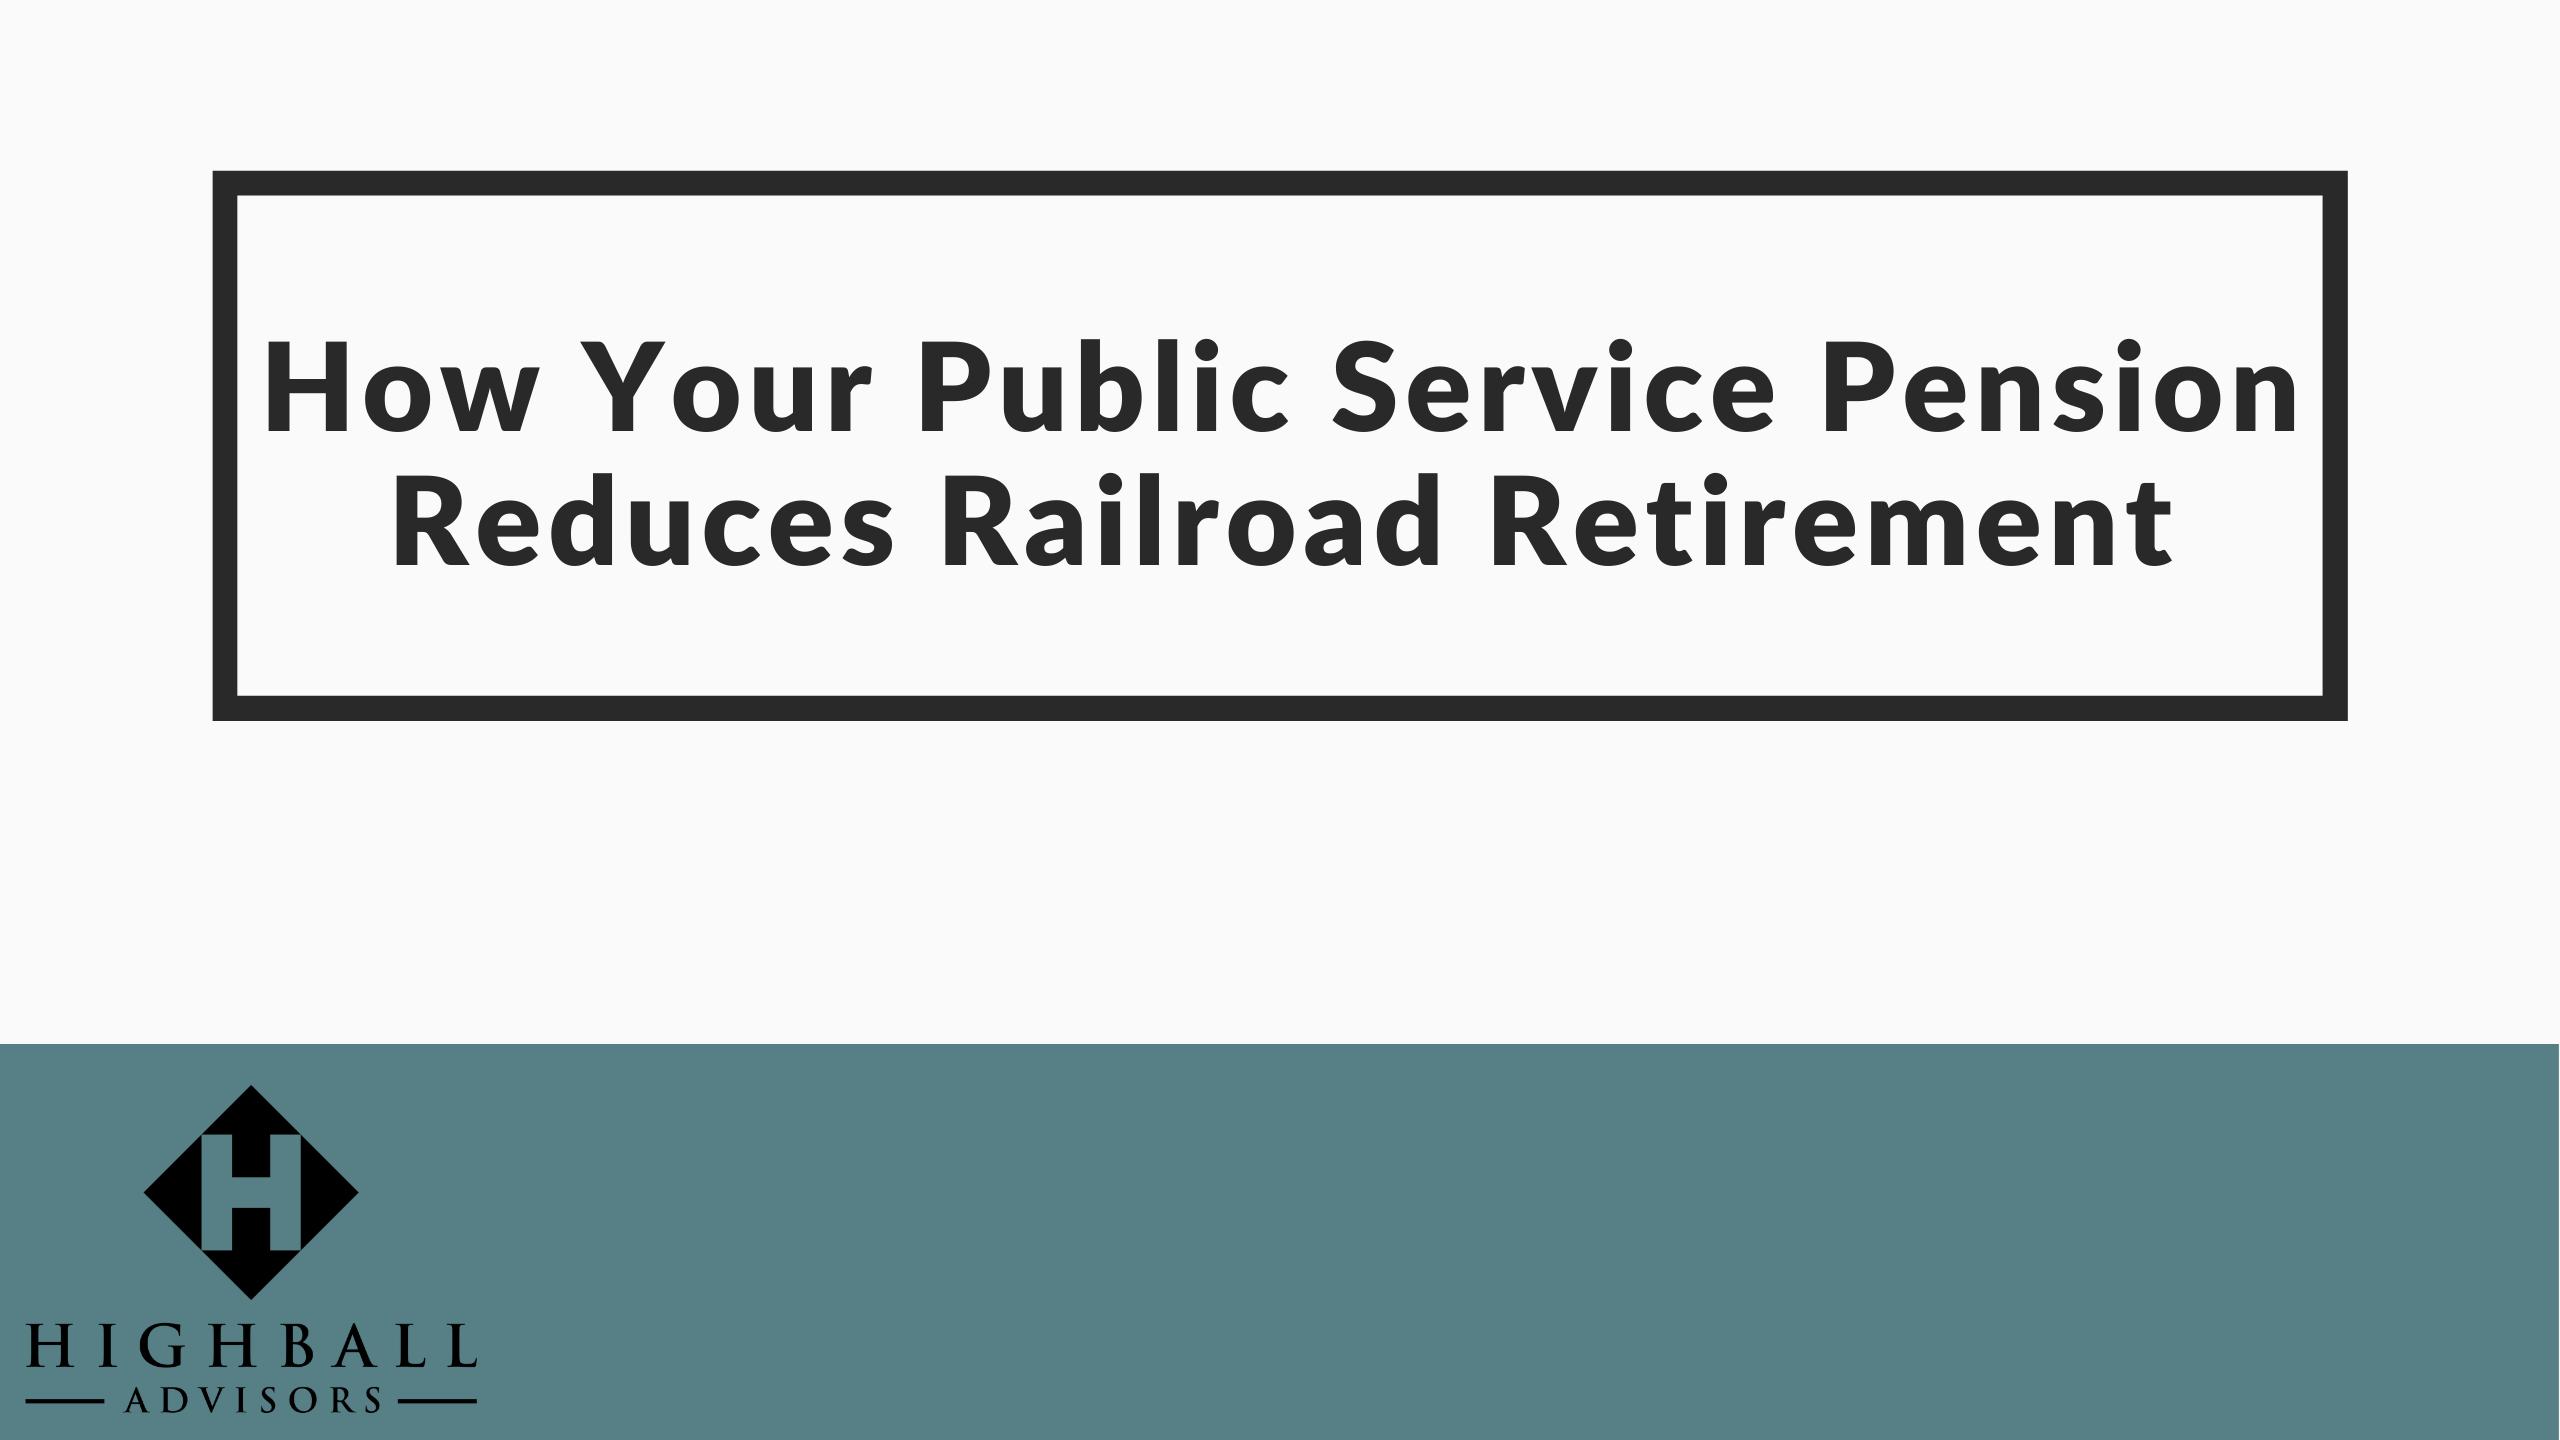 How Your Public Service Pension Reduces Railroad Retirement Thumbnail